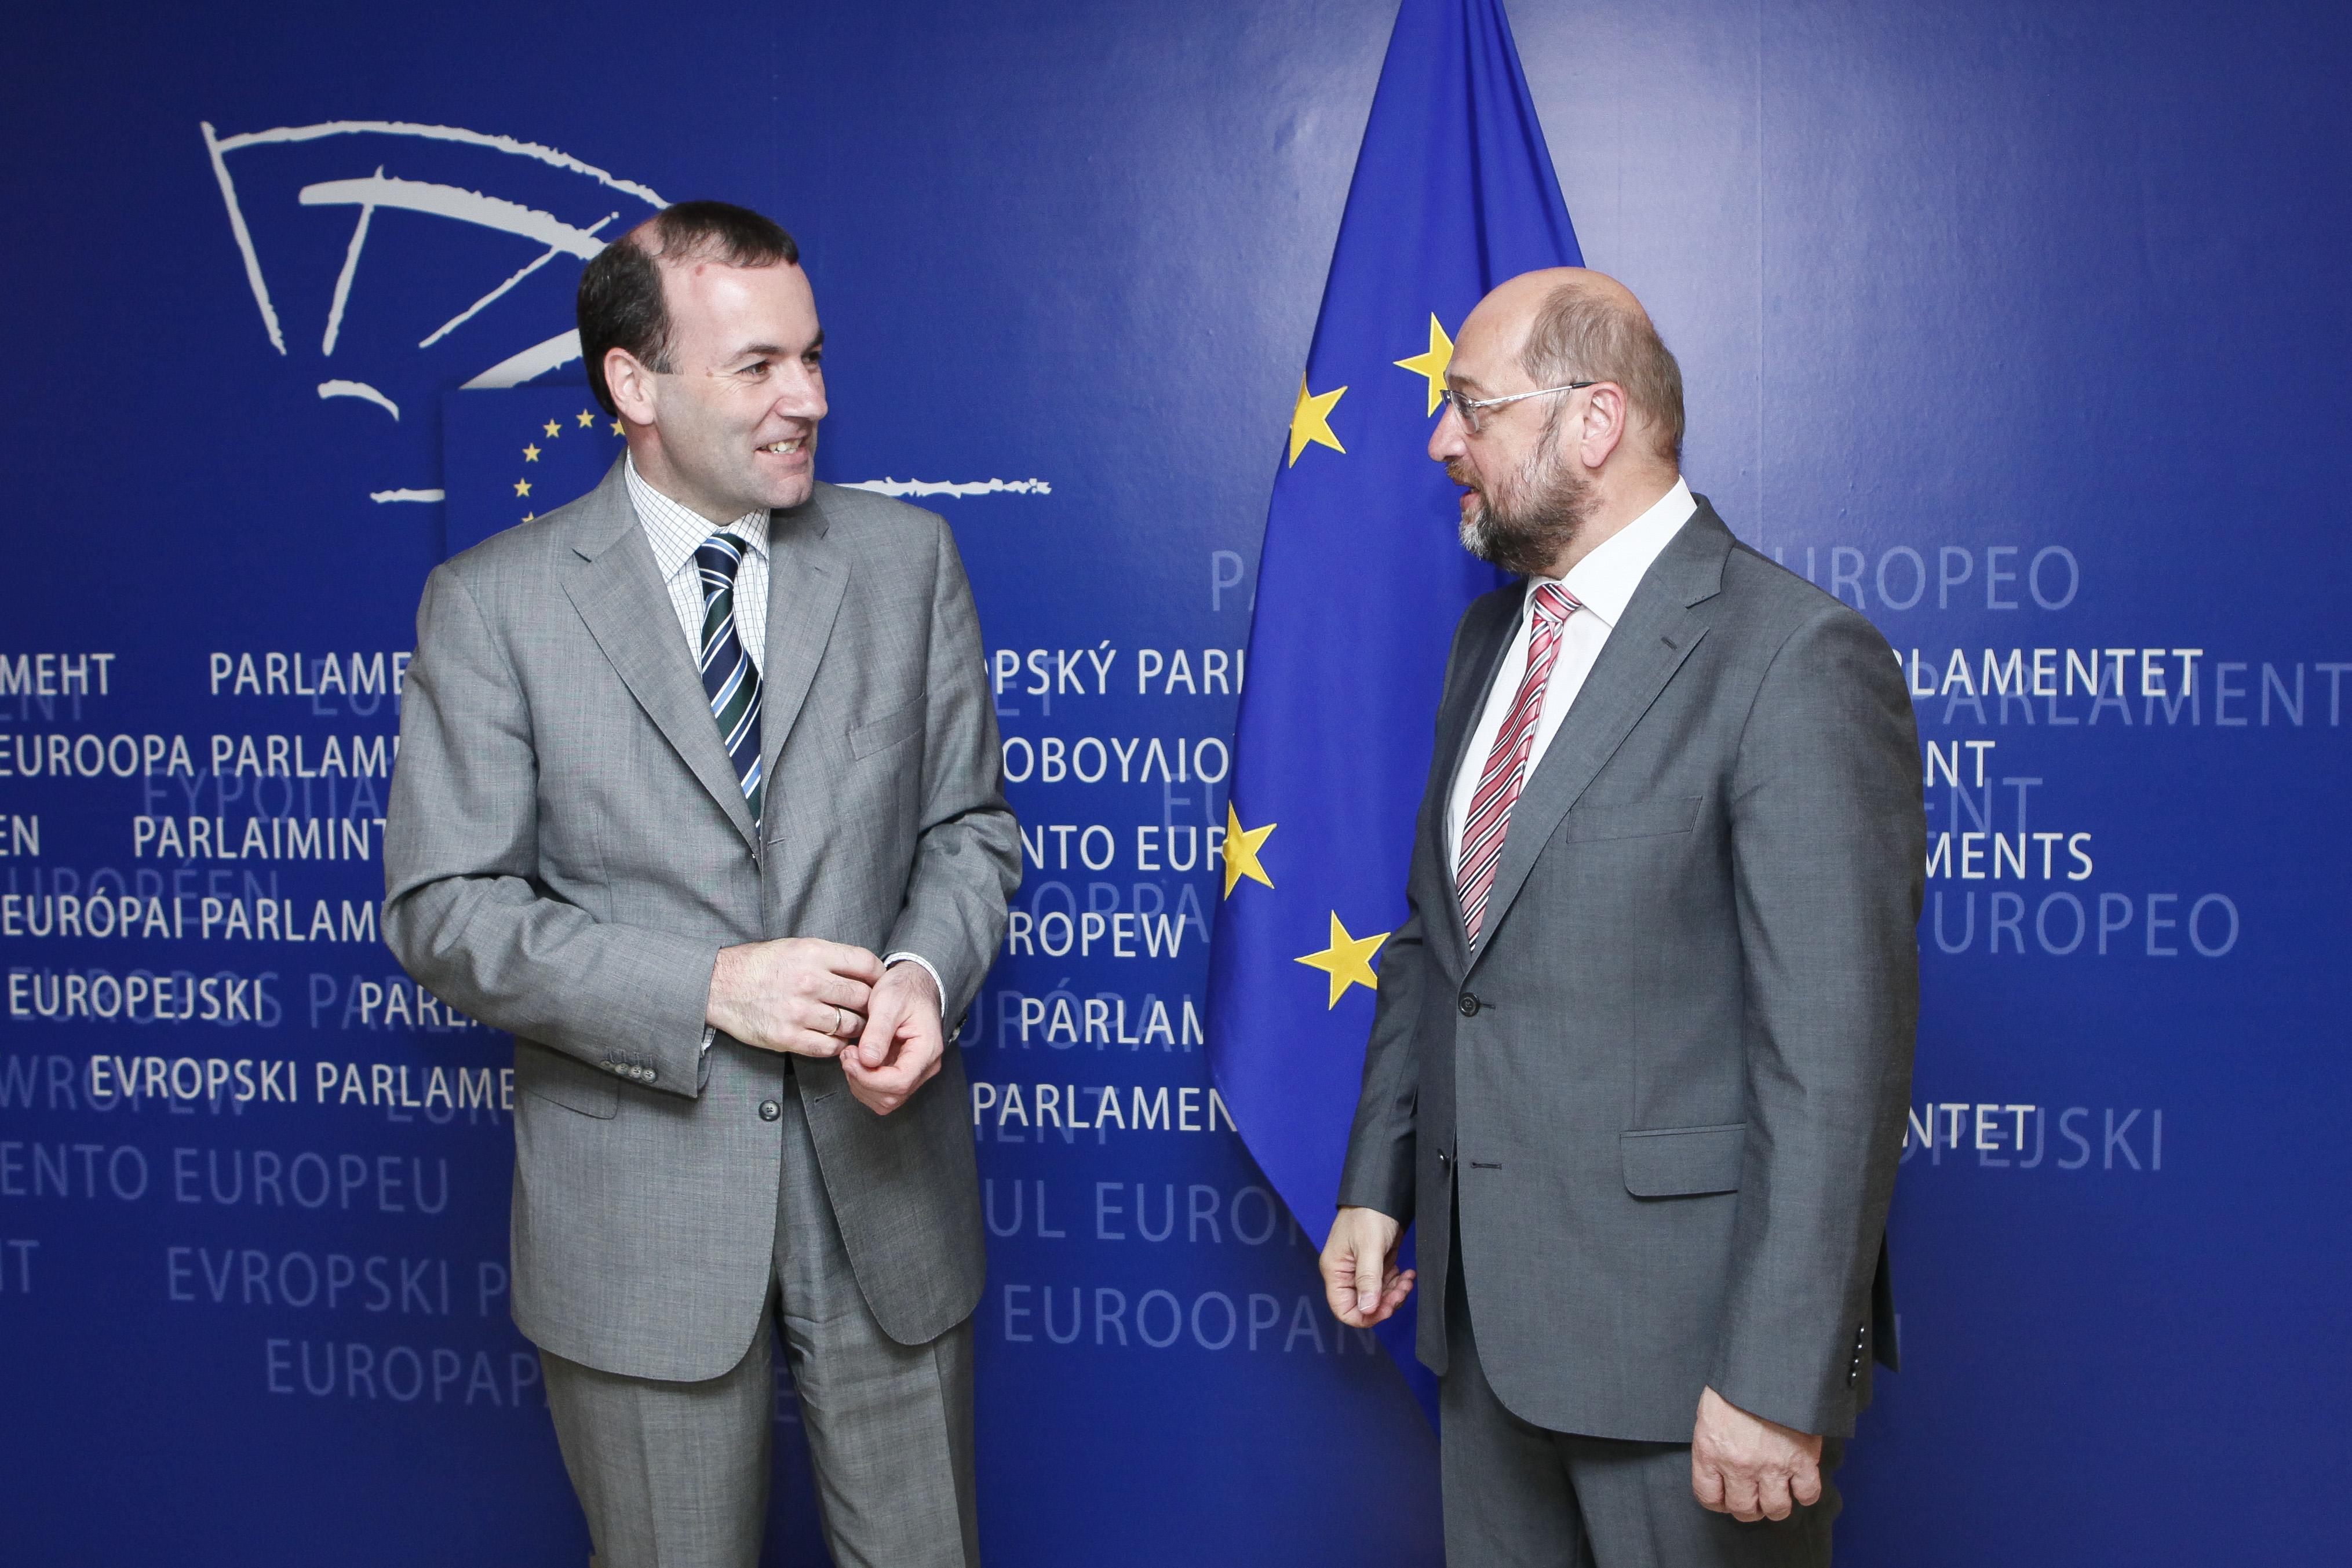 Manfred Weber (EPP, centre-right) and Martin Schulz (S&D, socialist) [European Parliament]